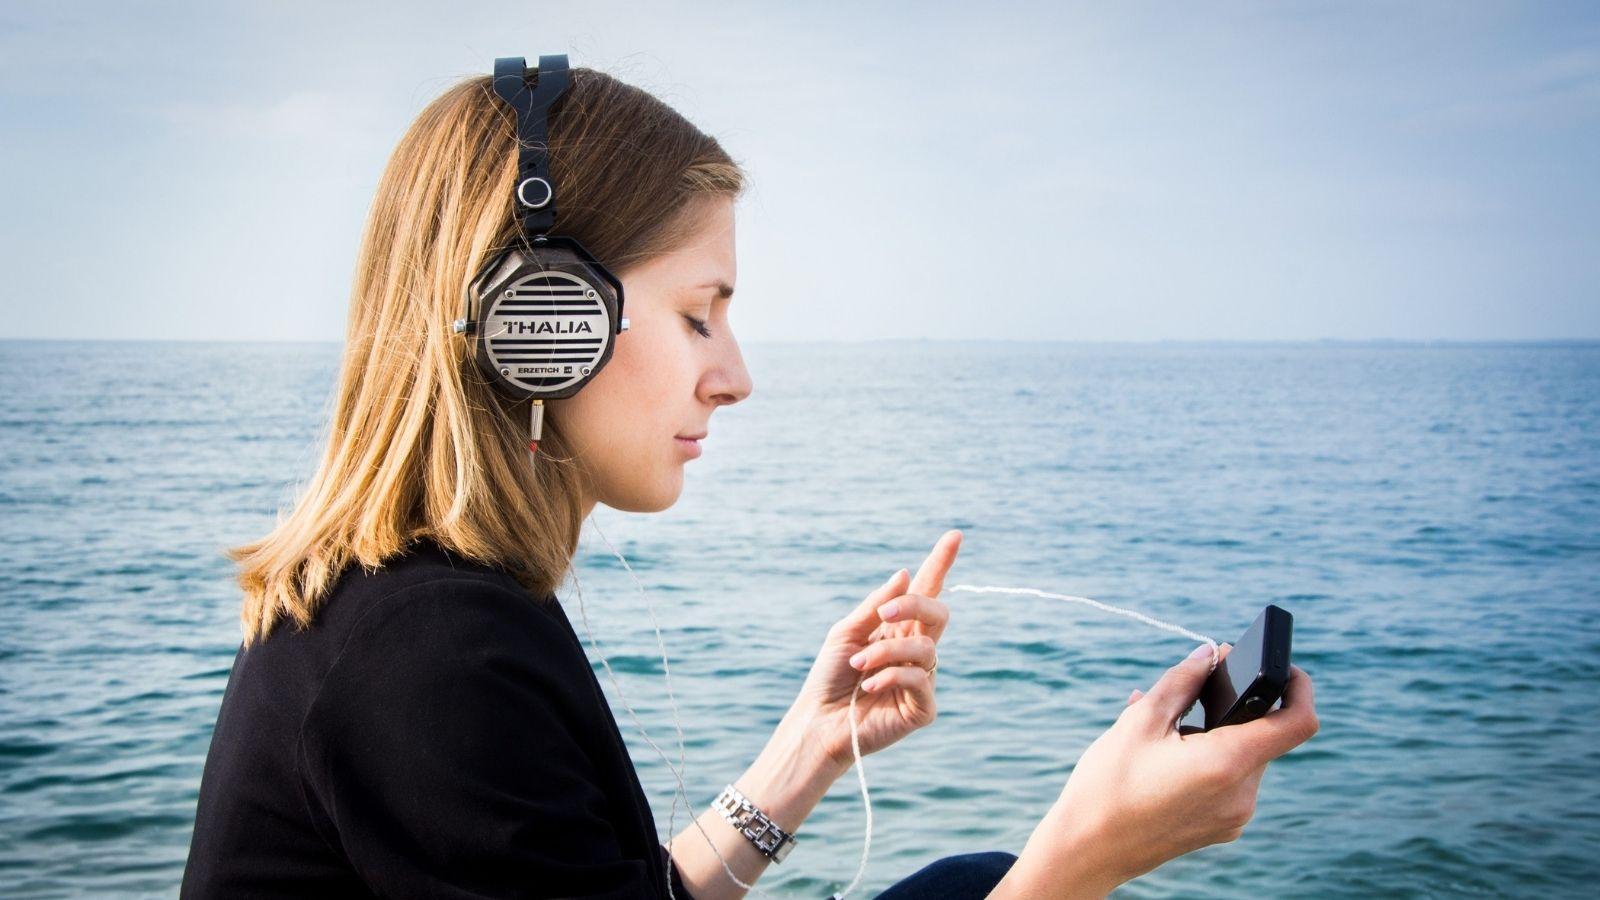 BADANIE: Jak i dlaczego słuchamy podcastów? Trendy mediarun podcast